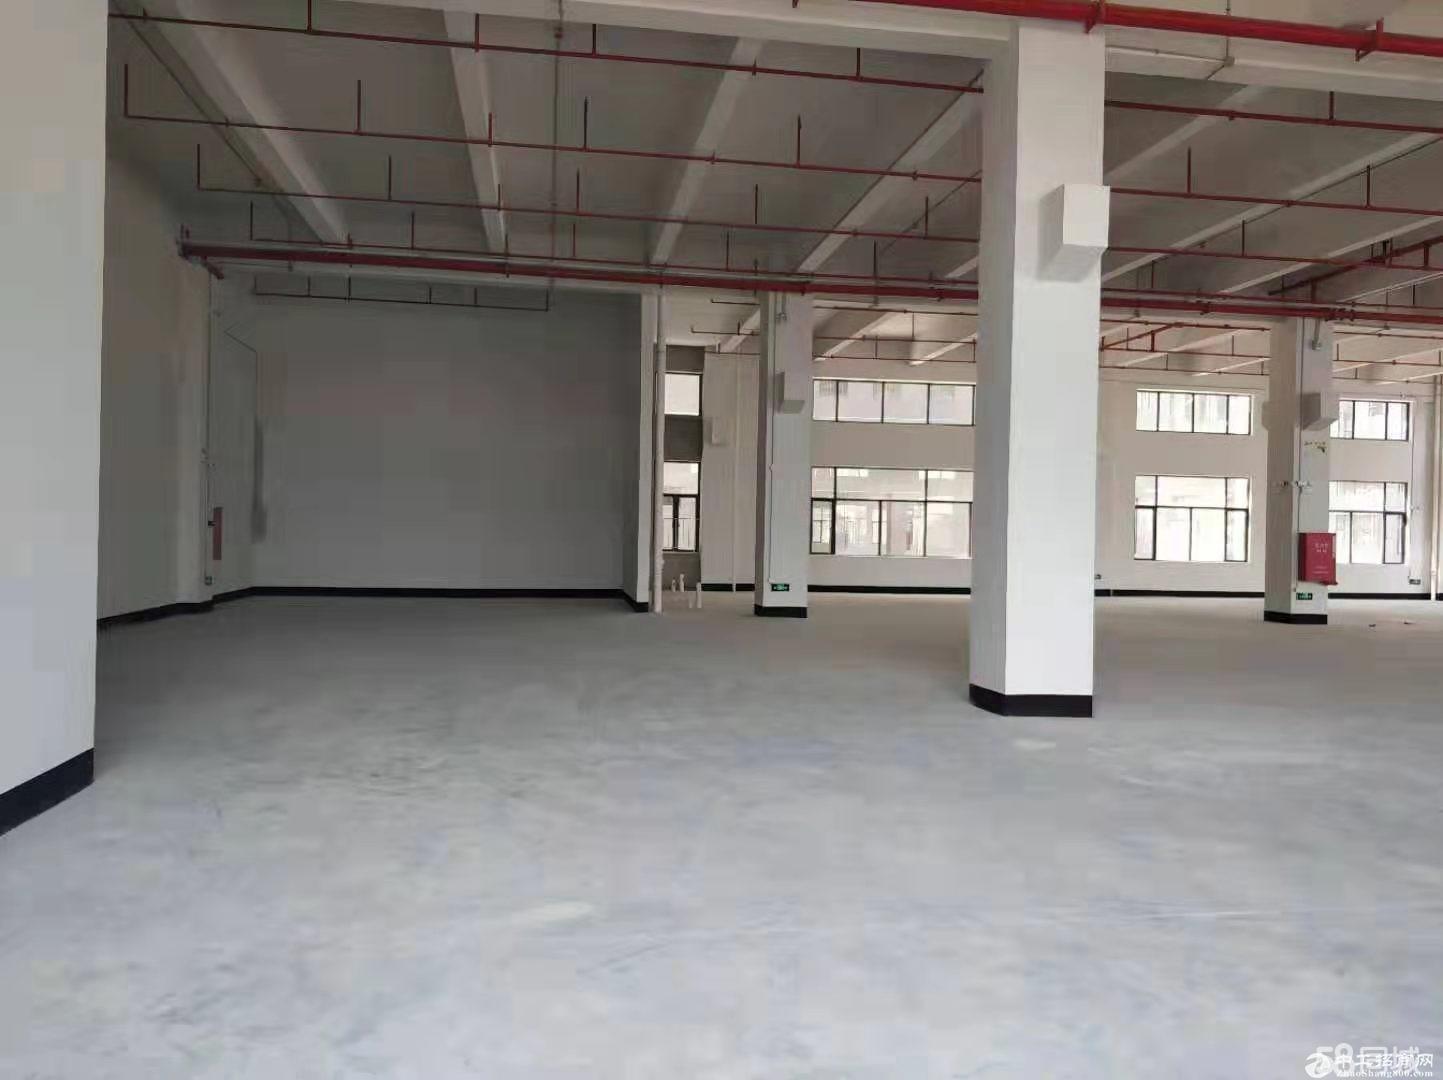 顺德伦教一楼1200方标准出租,有证,适合做纸业等